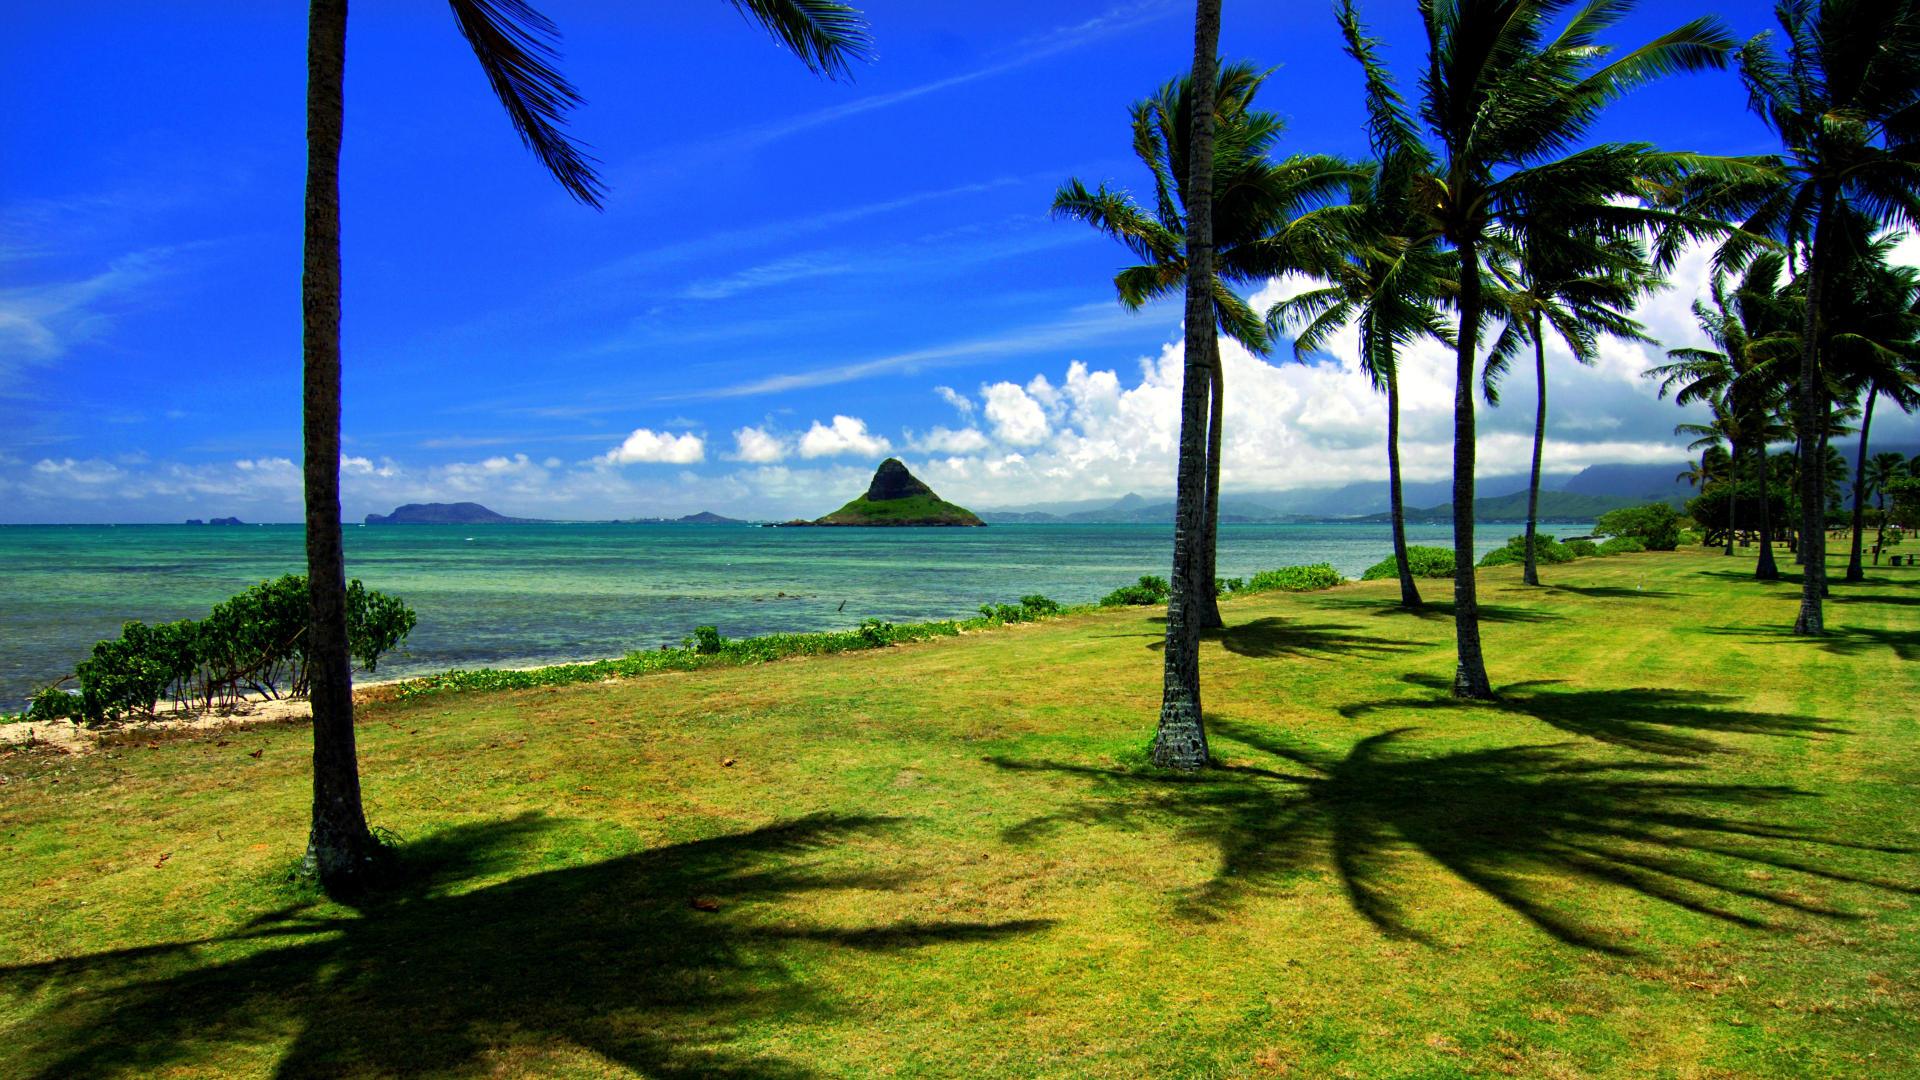 Hawaii wallpaper - 119246